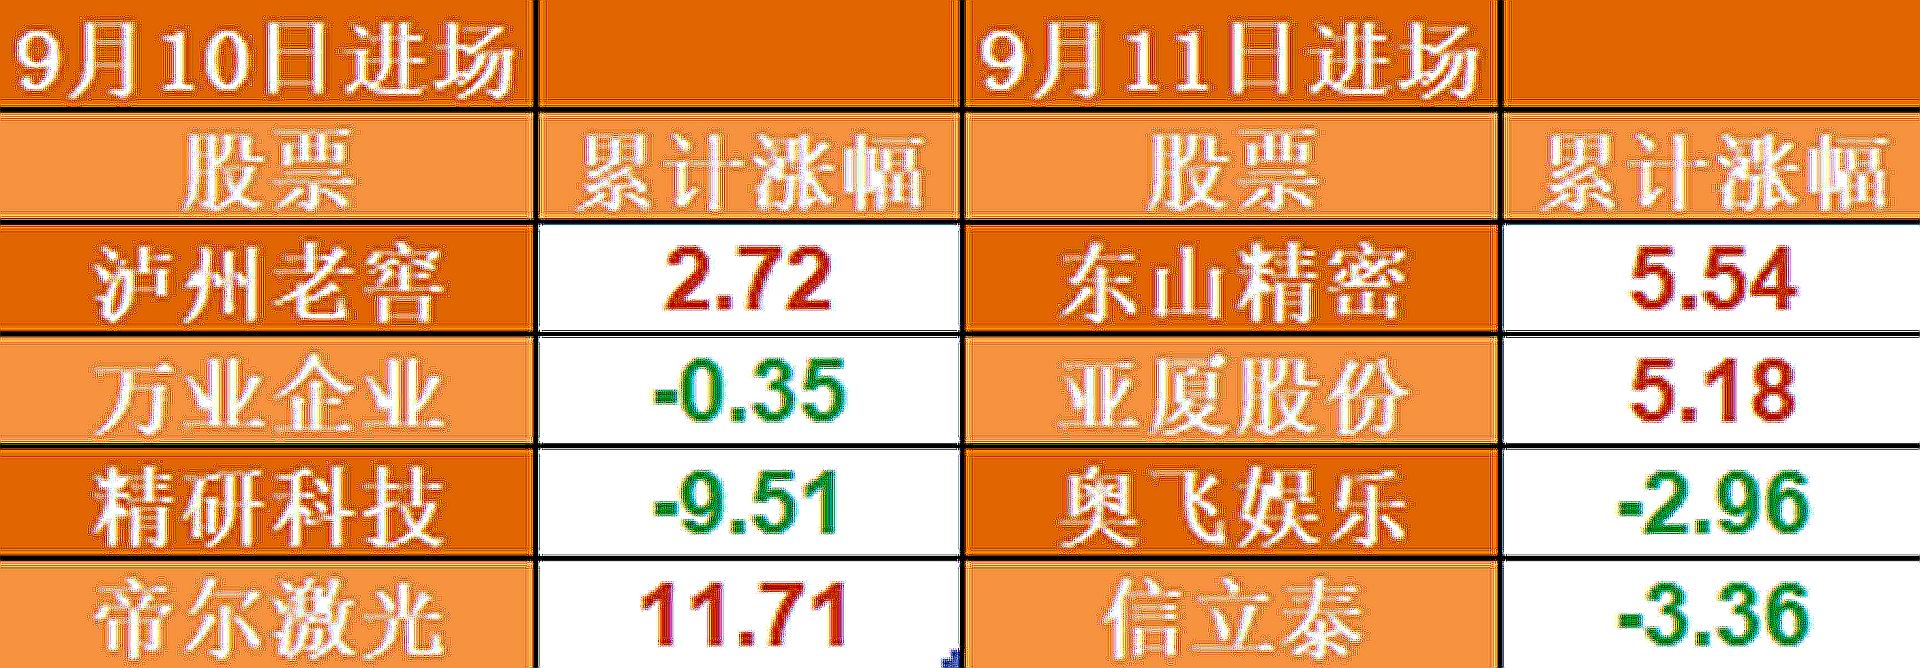 9月北上資金持股報告(第三期):升溫期表現明顯好於前幾輪-圖2